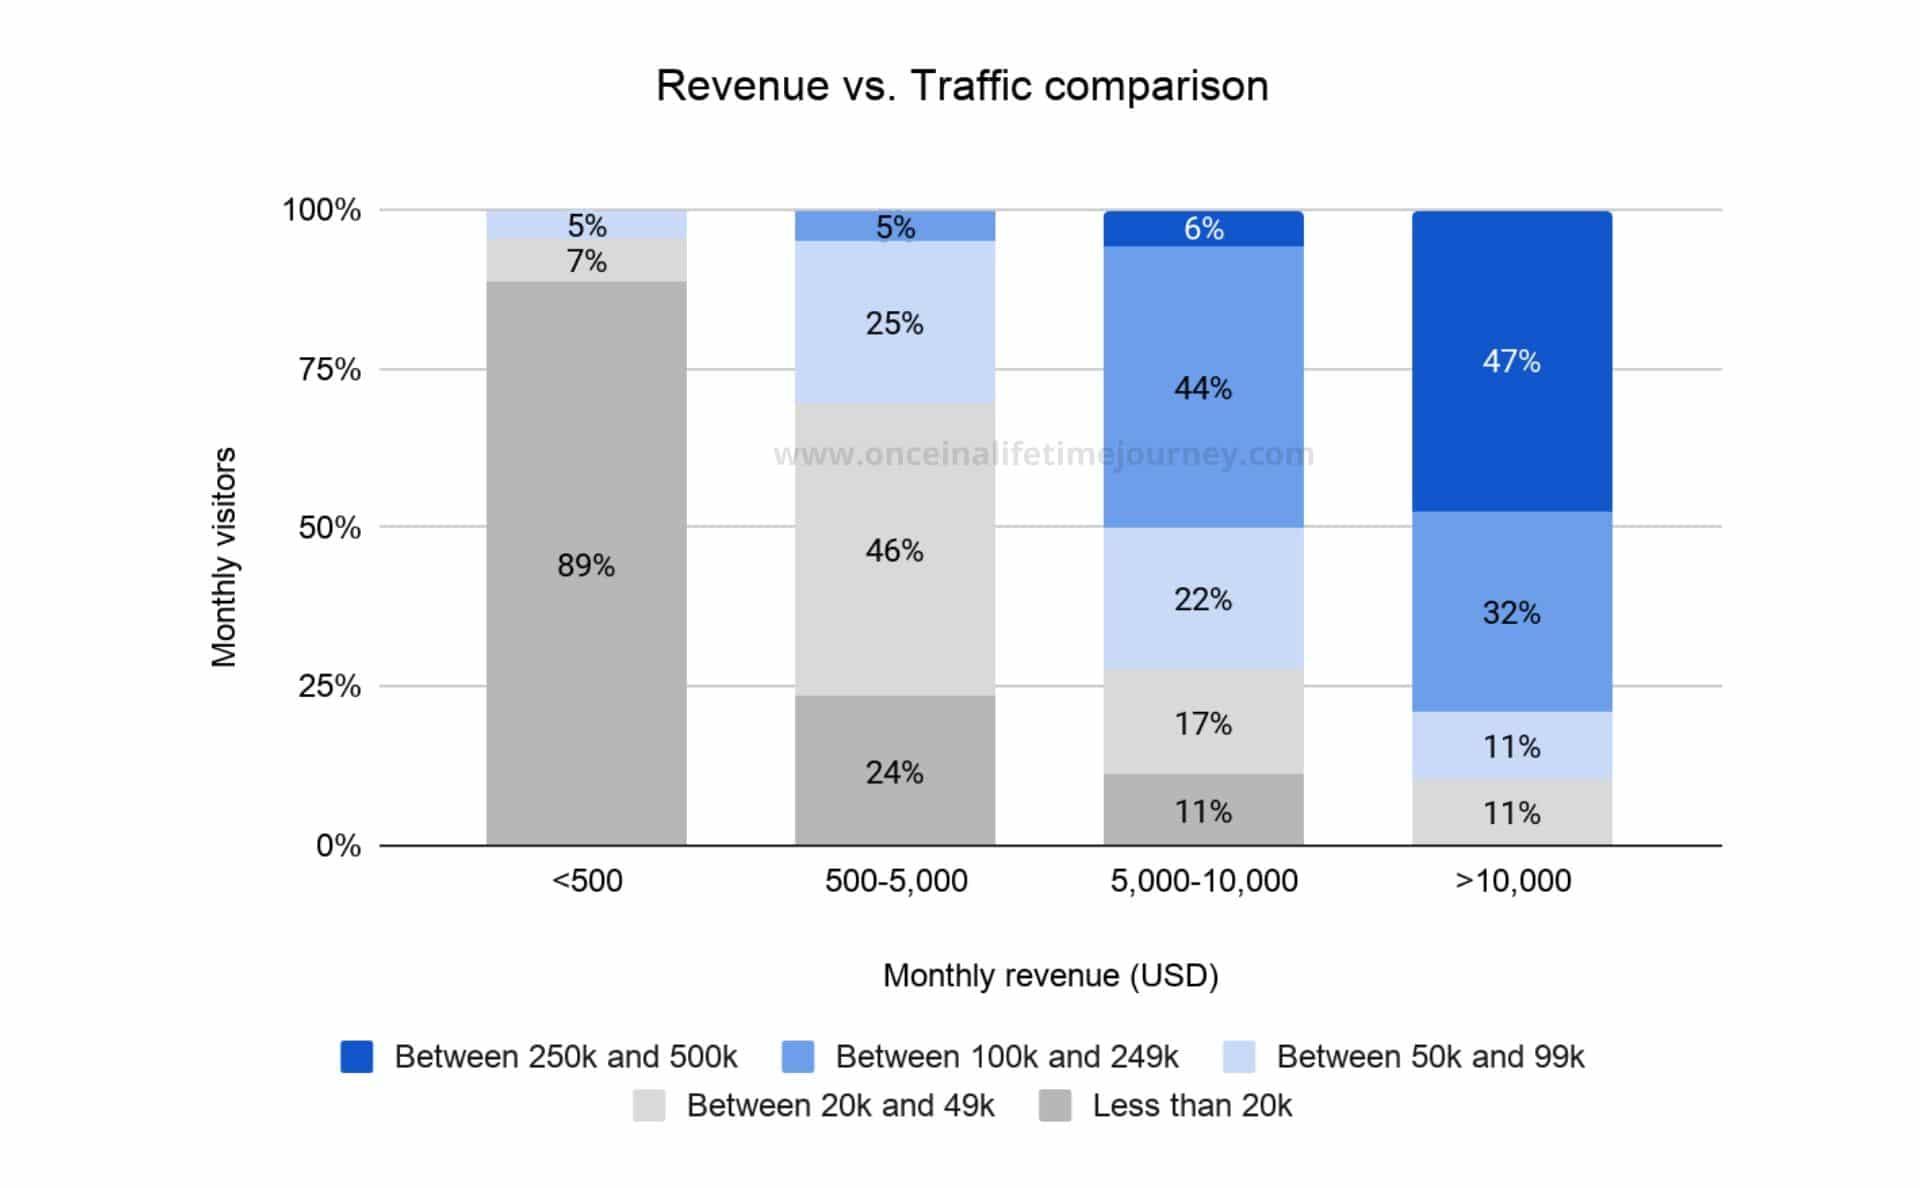 Revenue vs Traffic comparison